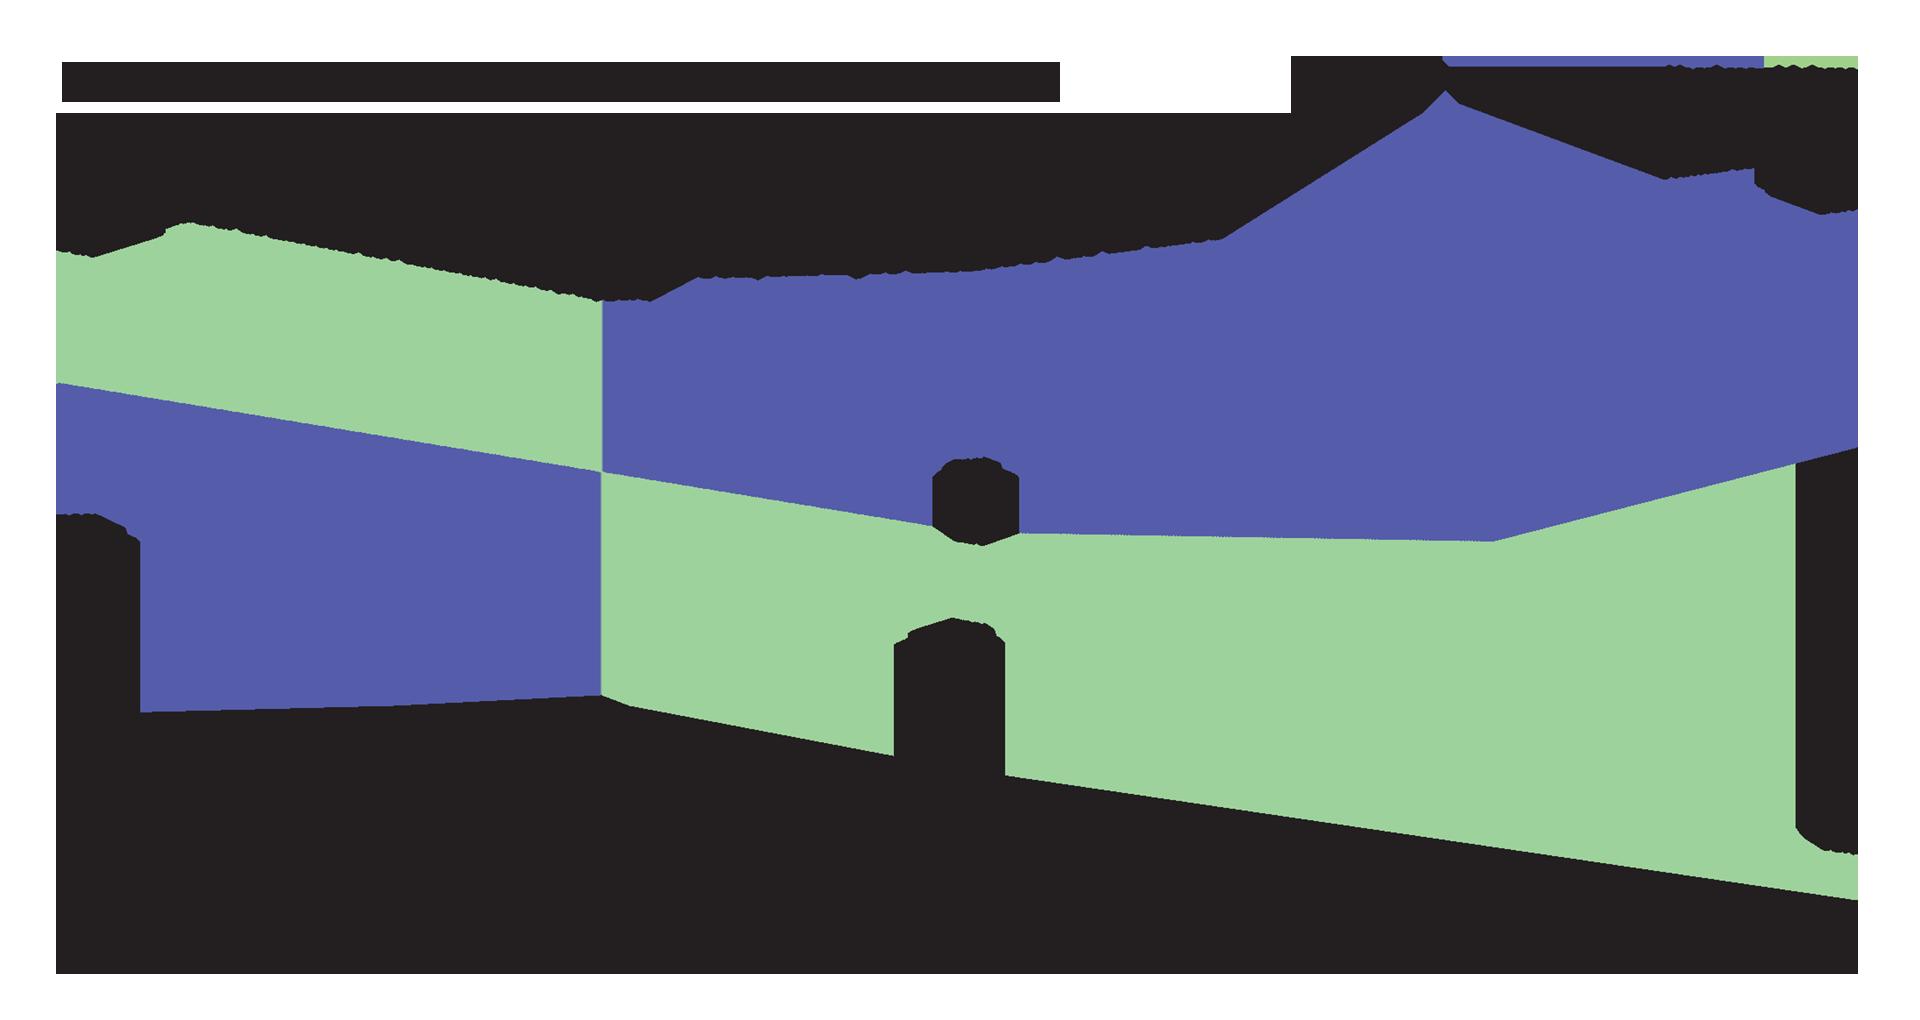 Tasa de empleo (25-49 años) con/sin hijos mejores de 12 años